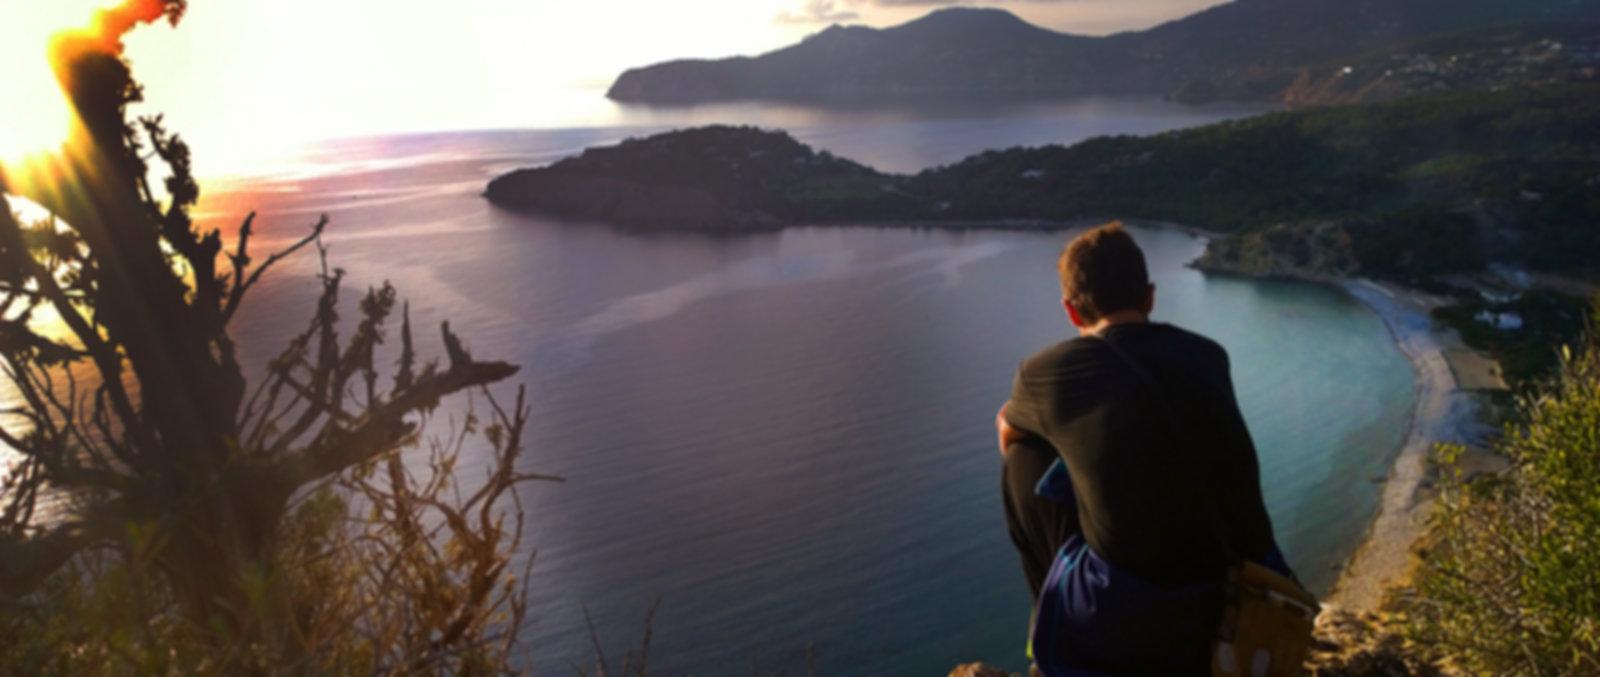 Hiking on Ibiza,the art of attentive walking